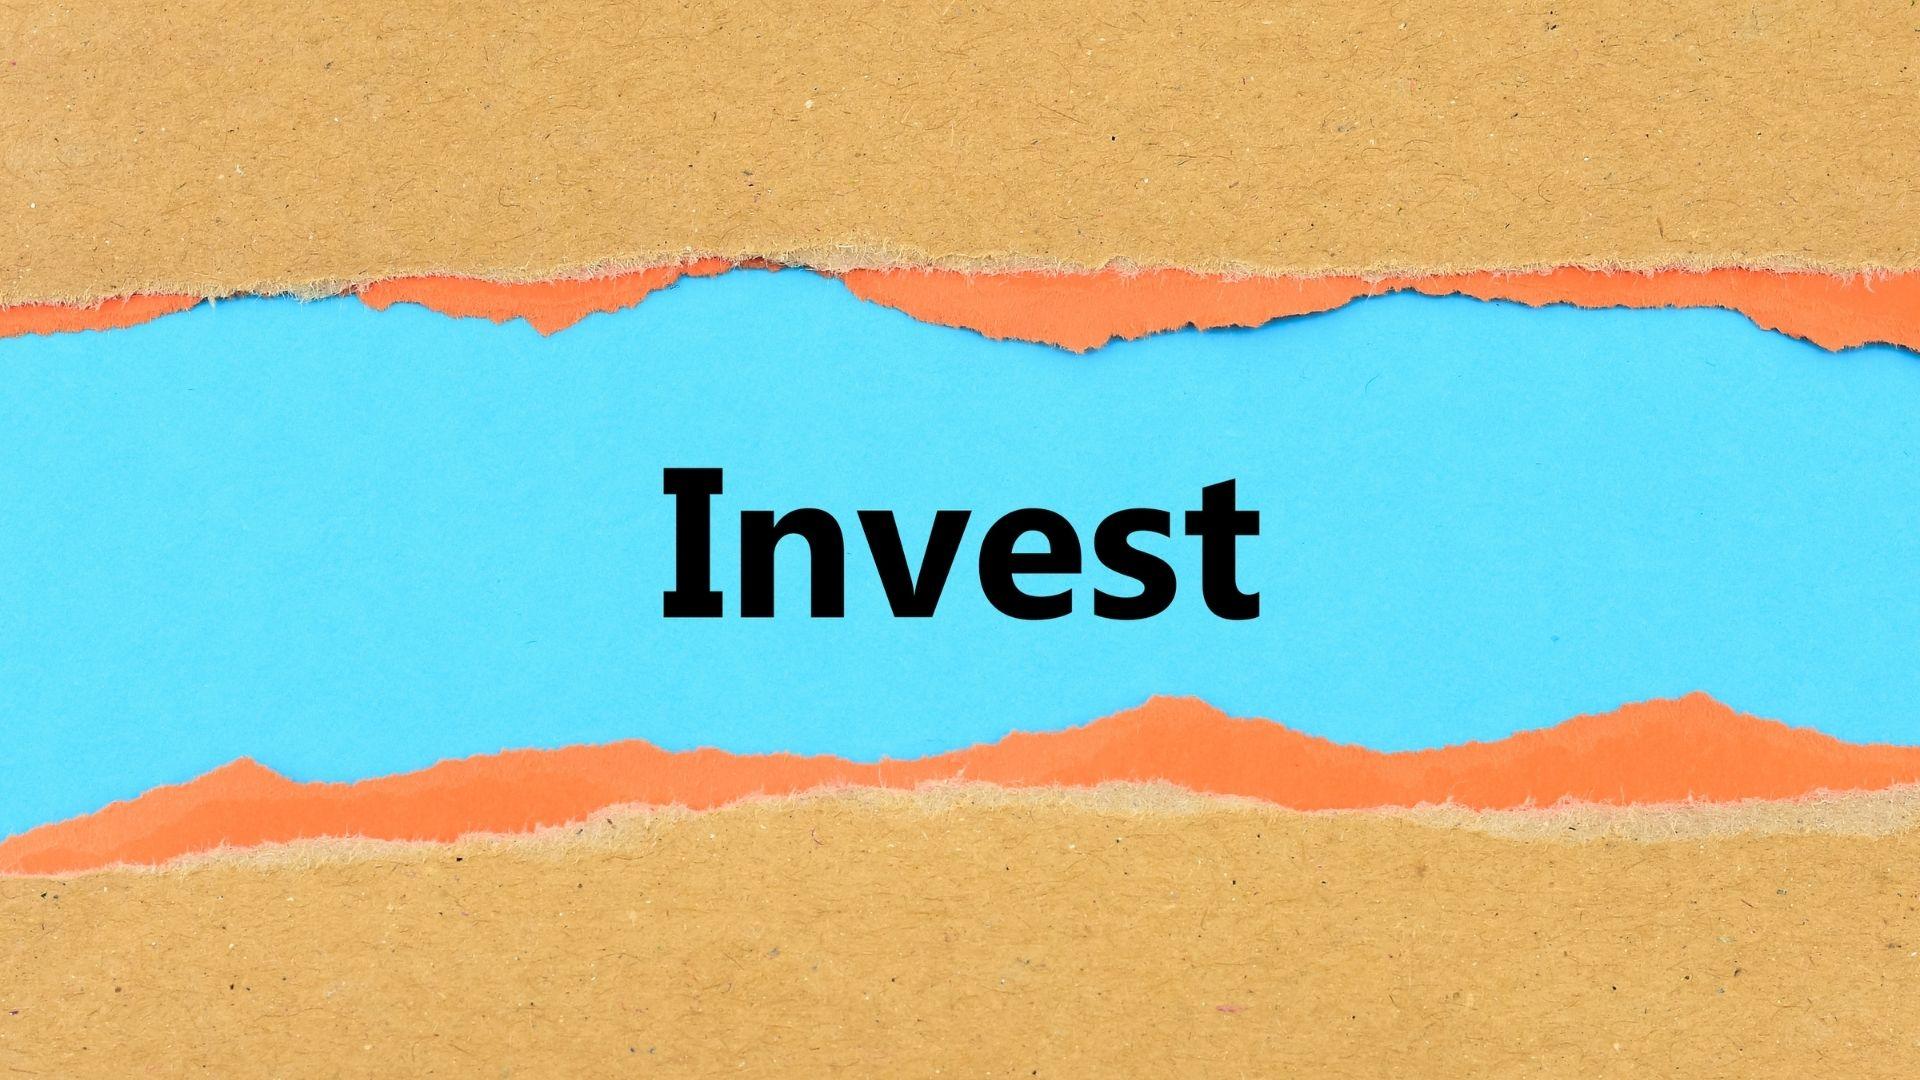 Invest graphic